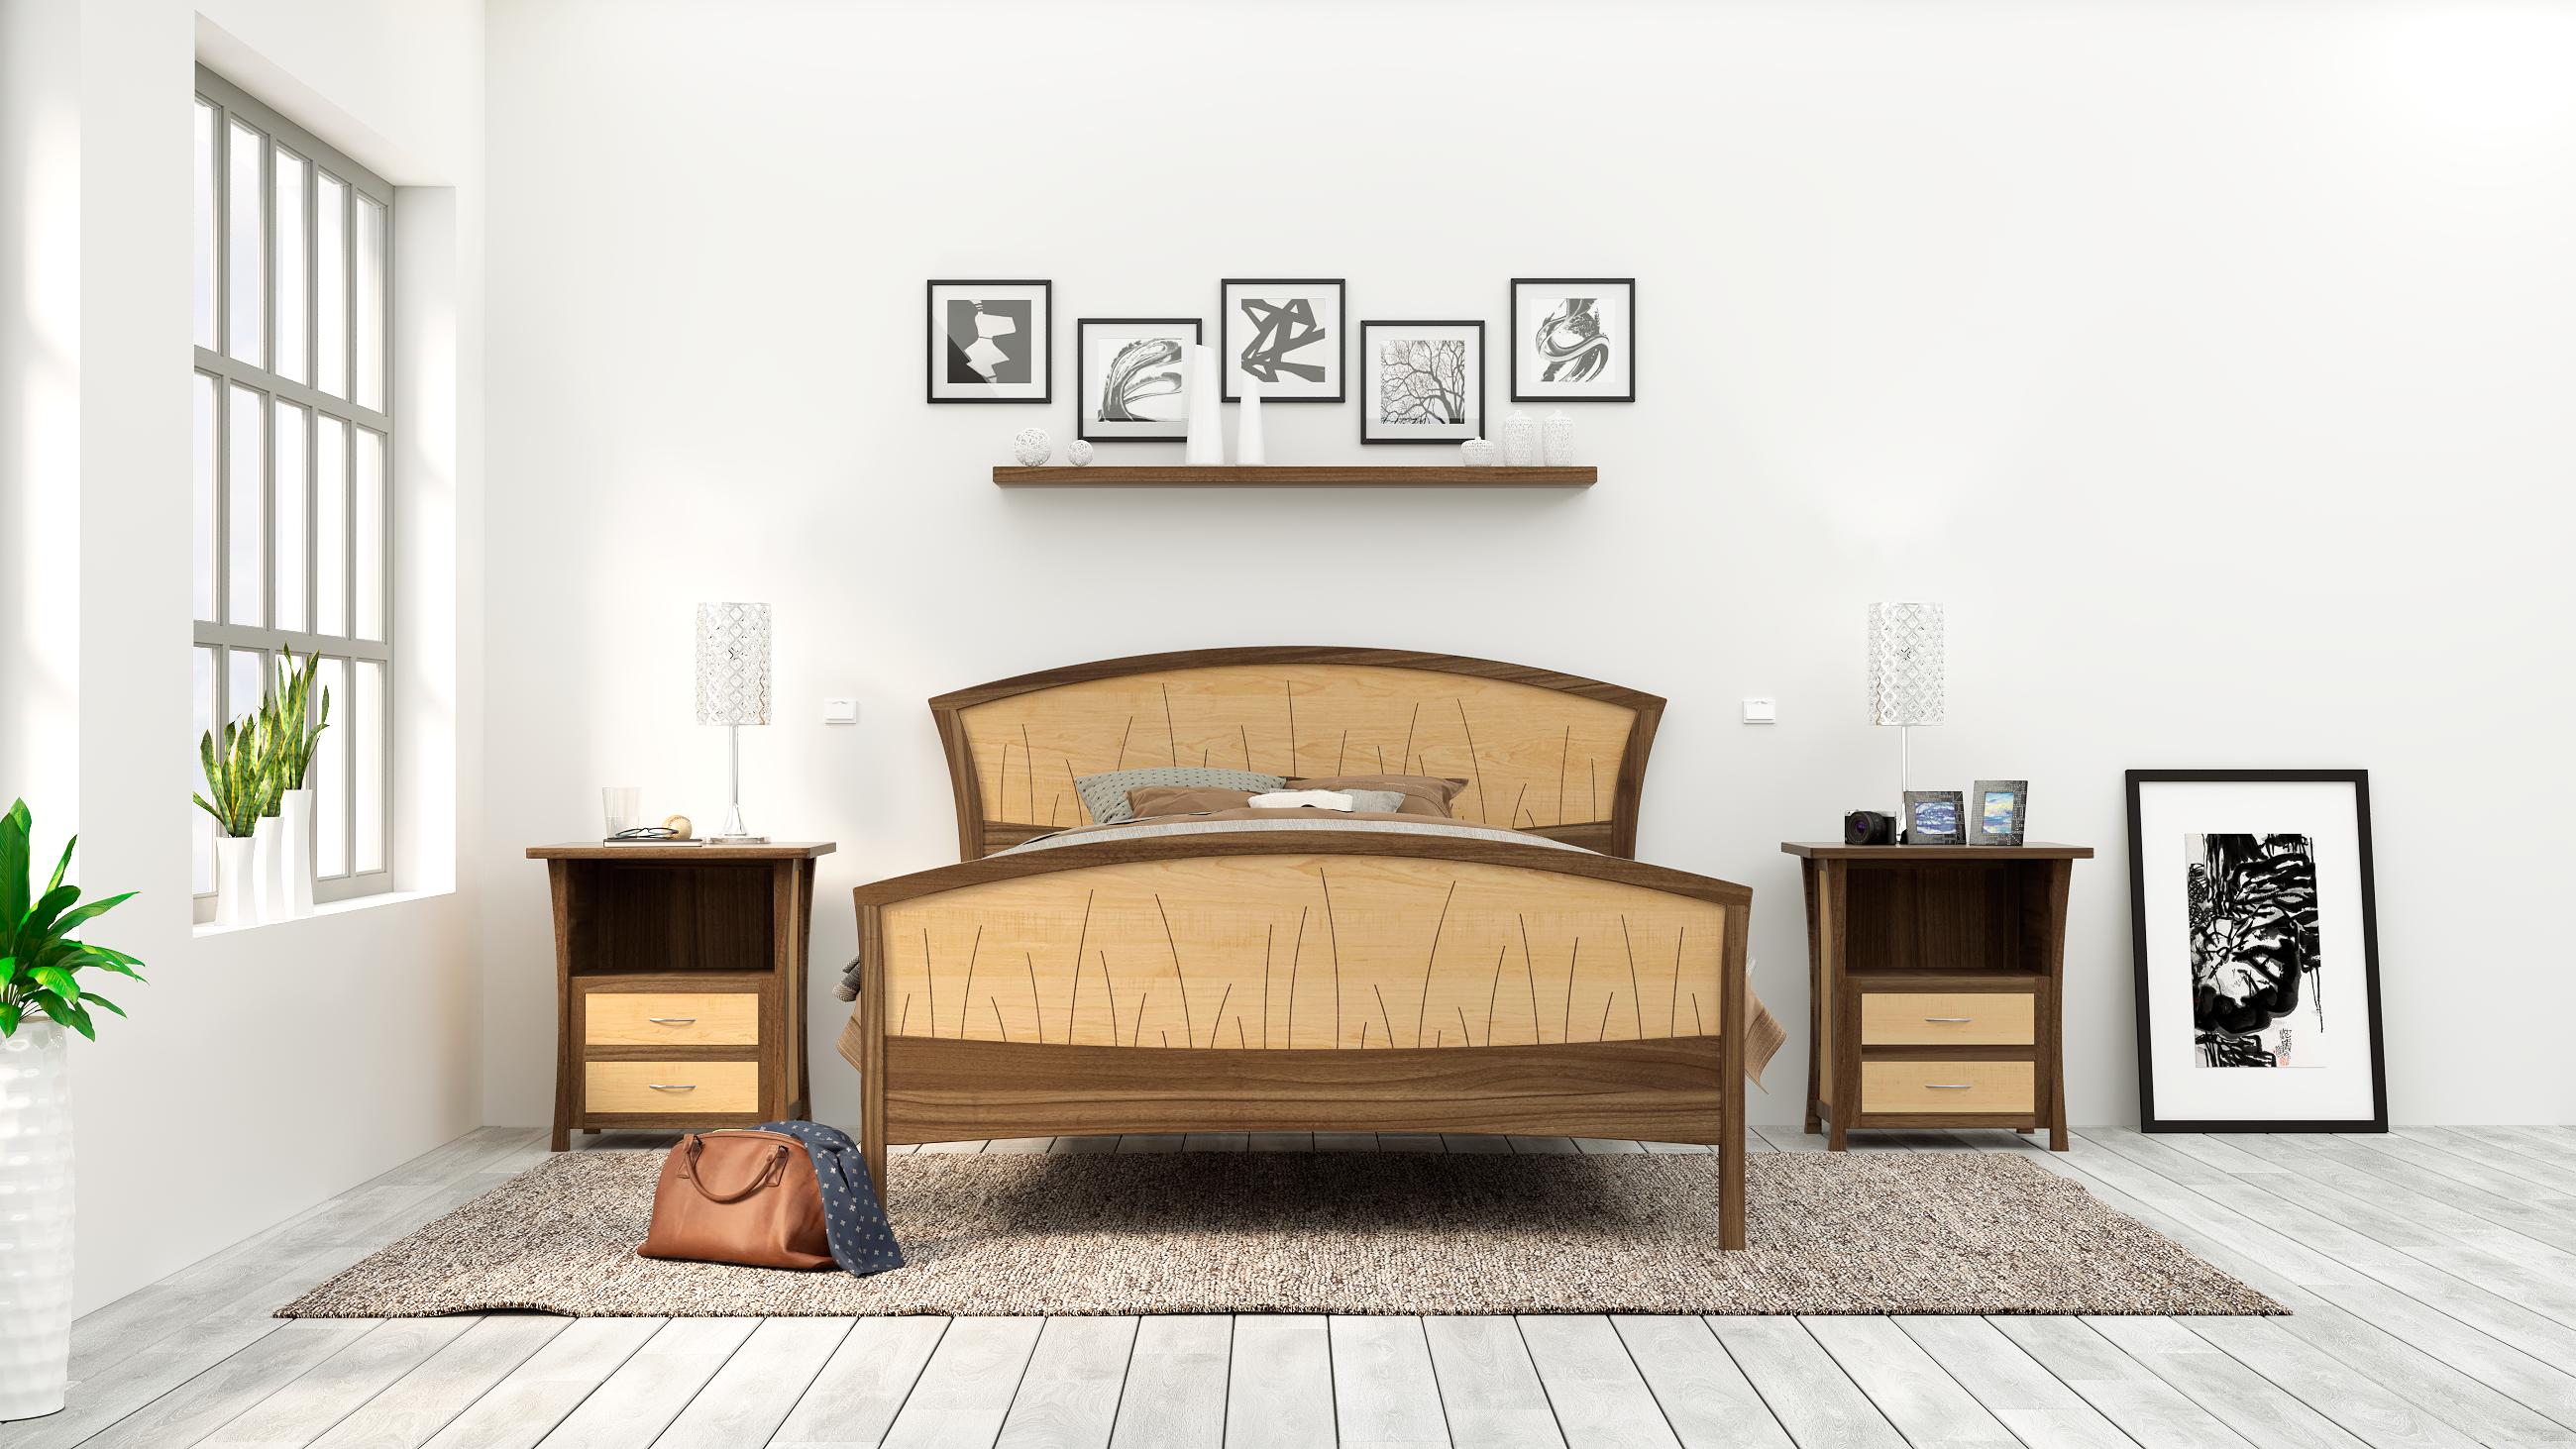 Handmade Bed Frame King Size Headboard Platform Bed